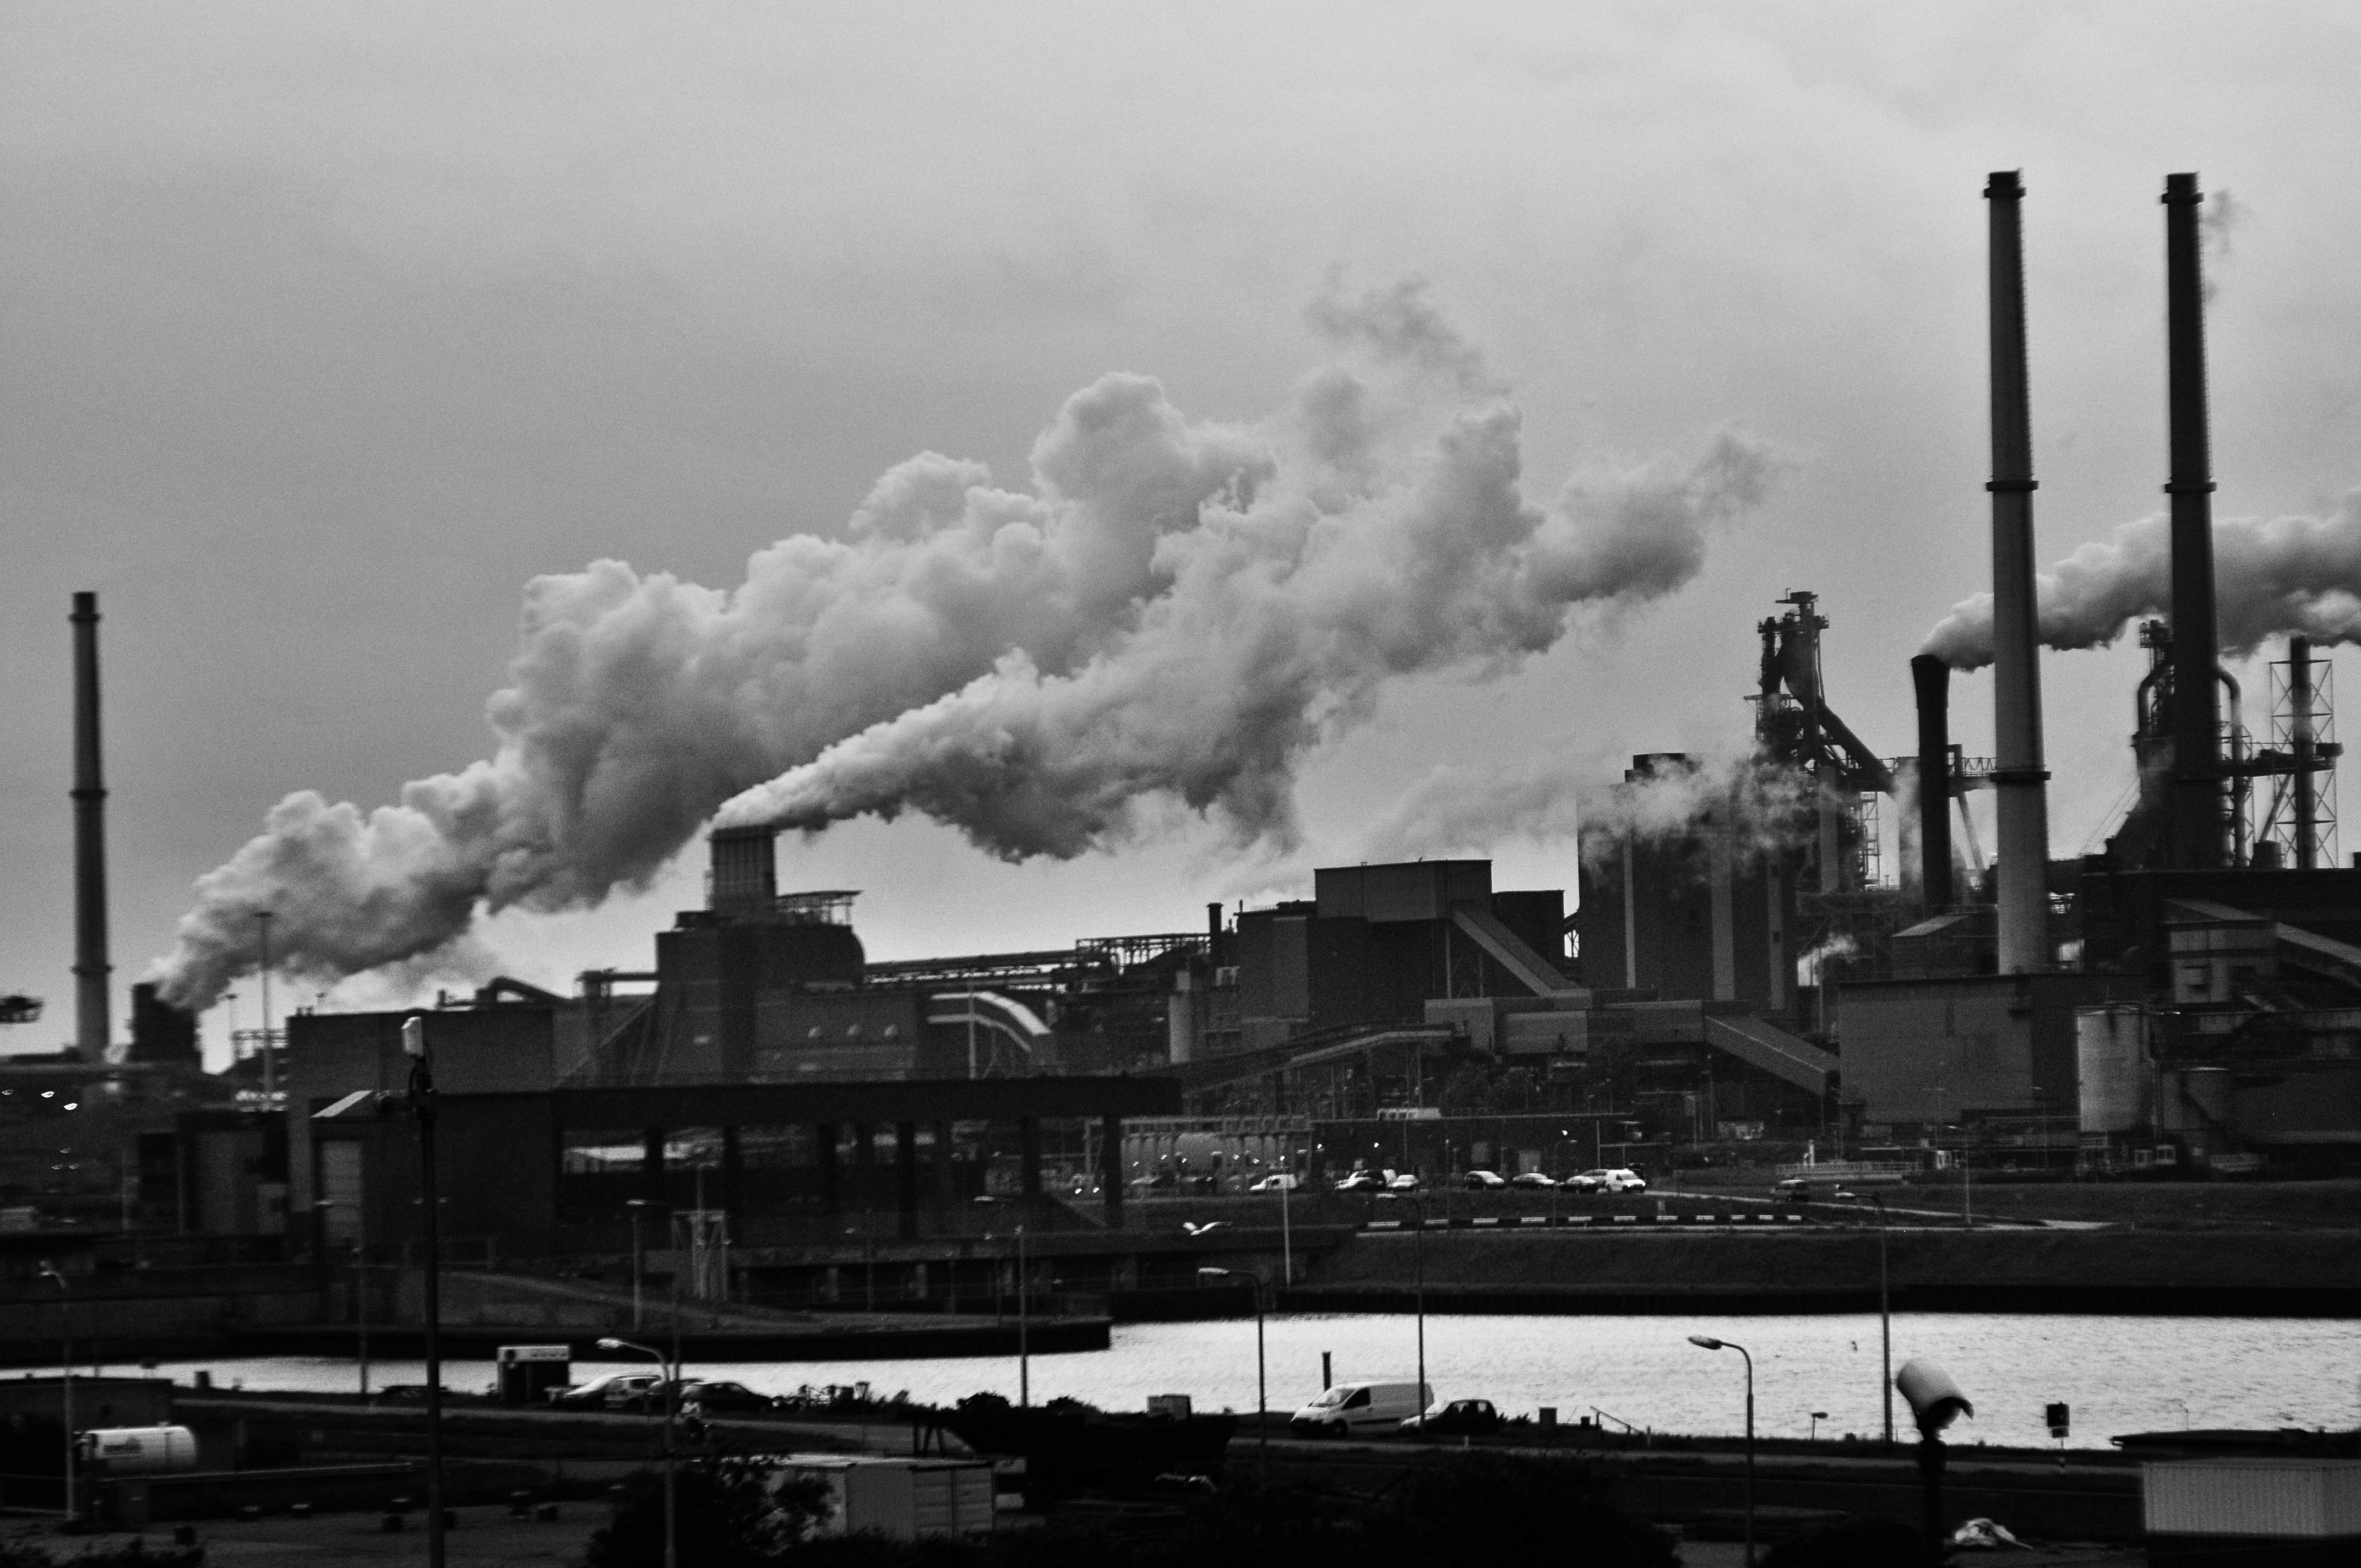 労働集約型の意味/対義語・資本集約型・労働集約型産業